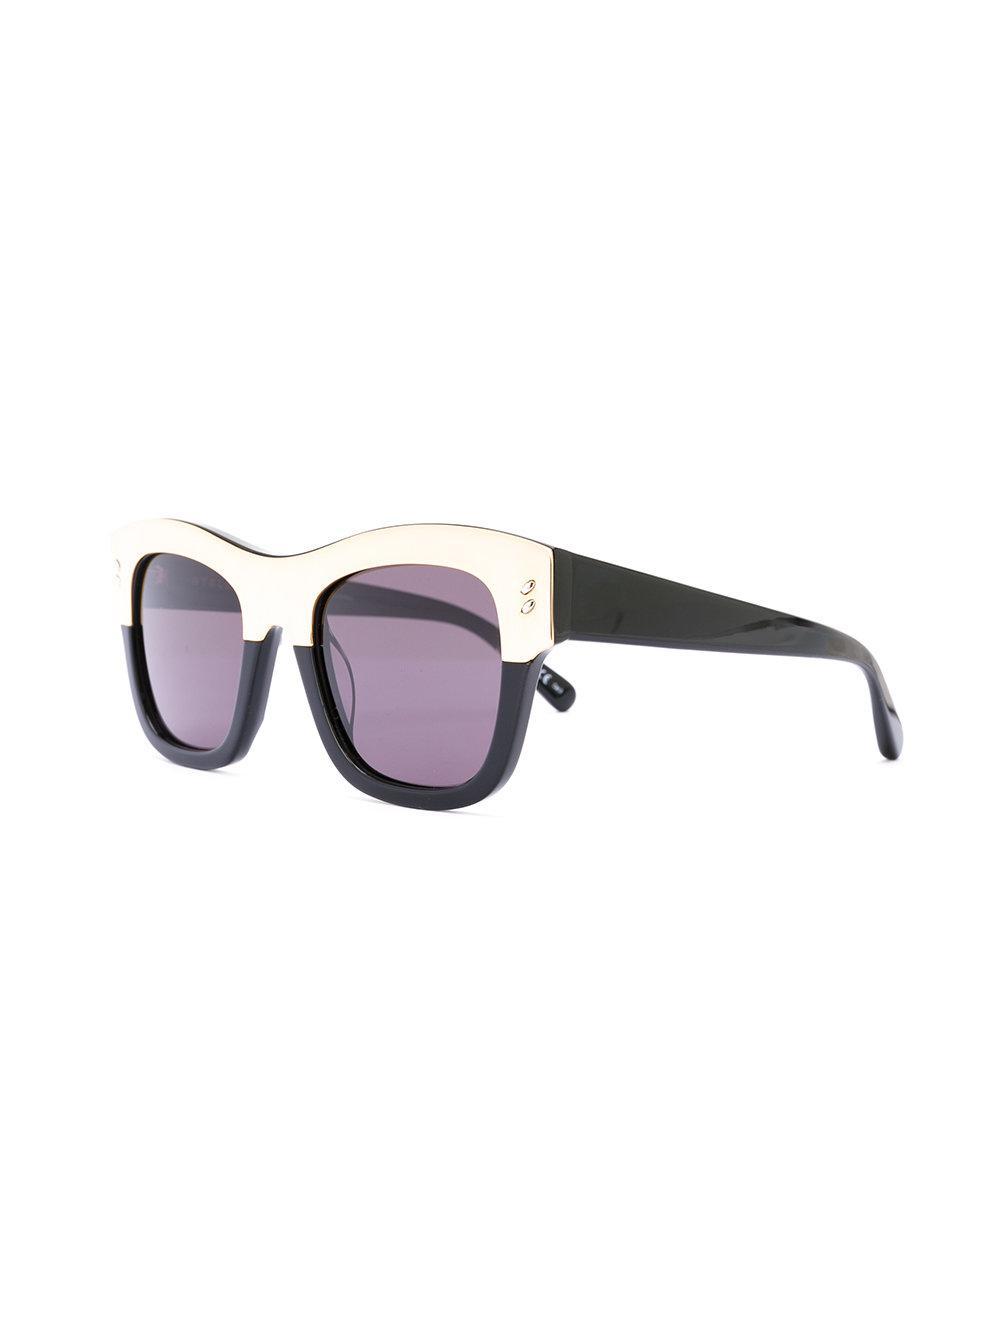 Stella McCartney Two-tone Square Sunglasses in Black